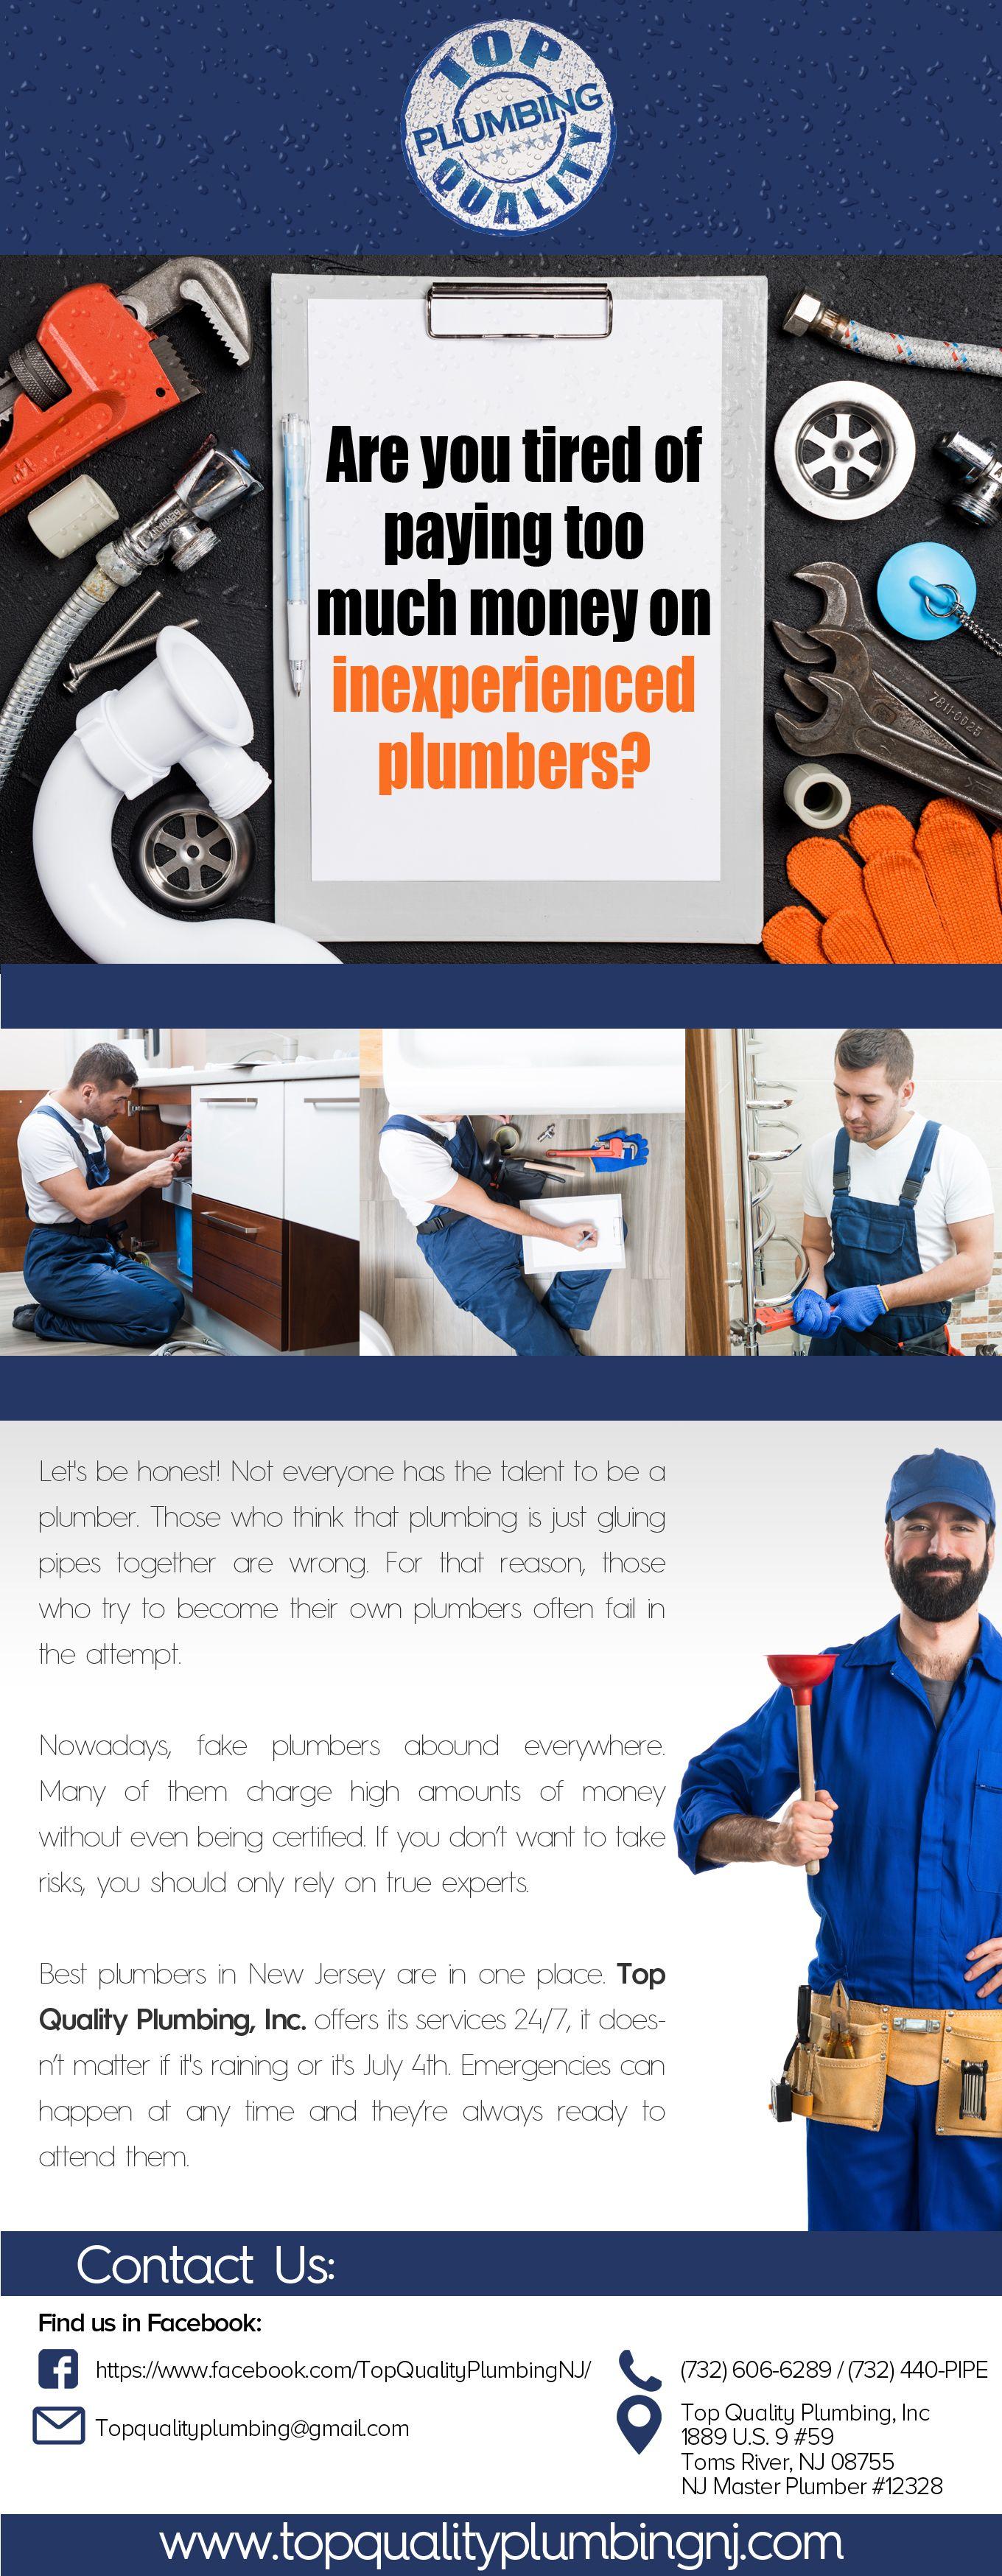 Top Quality Plumbing Choose Experienced Plumbers